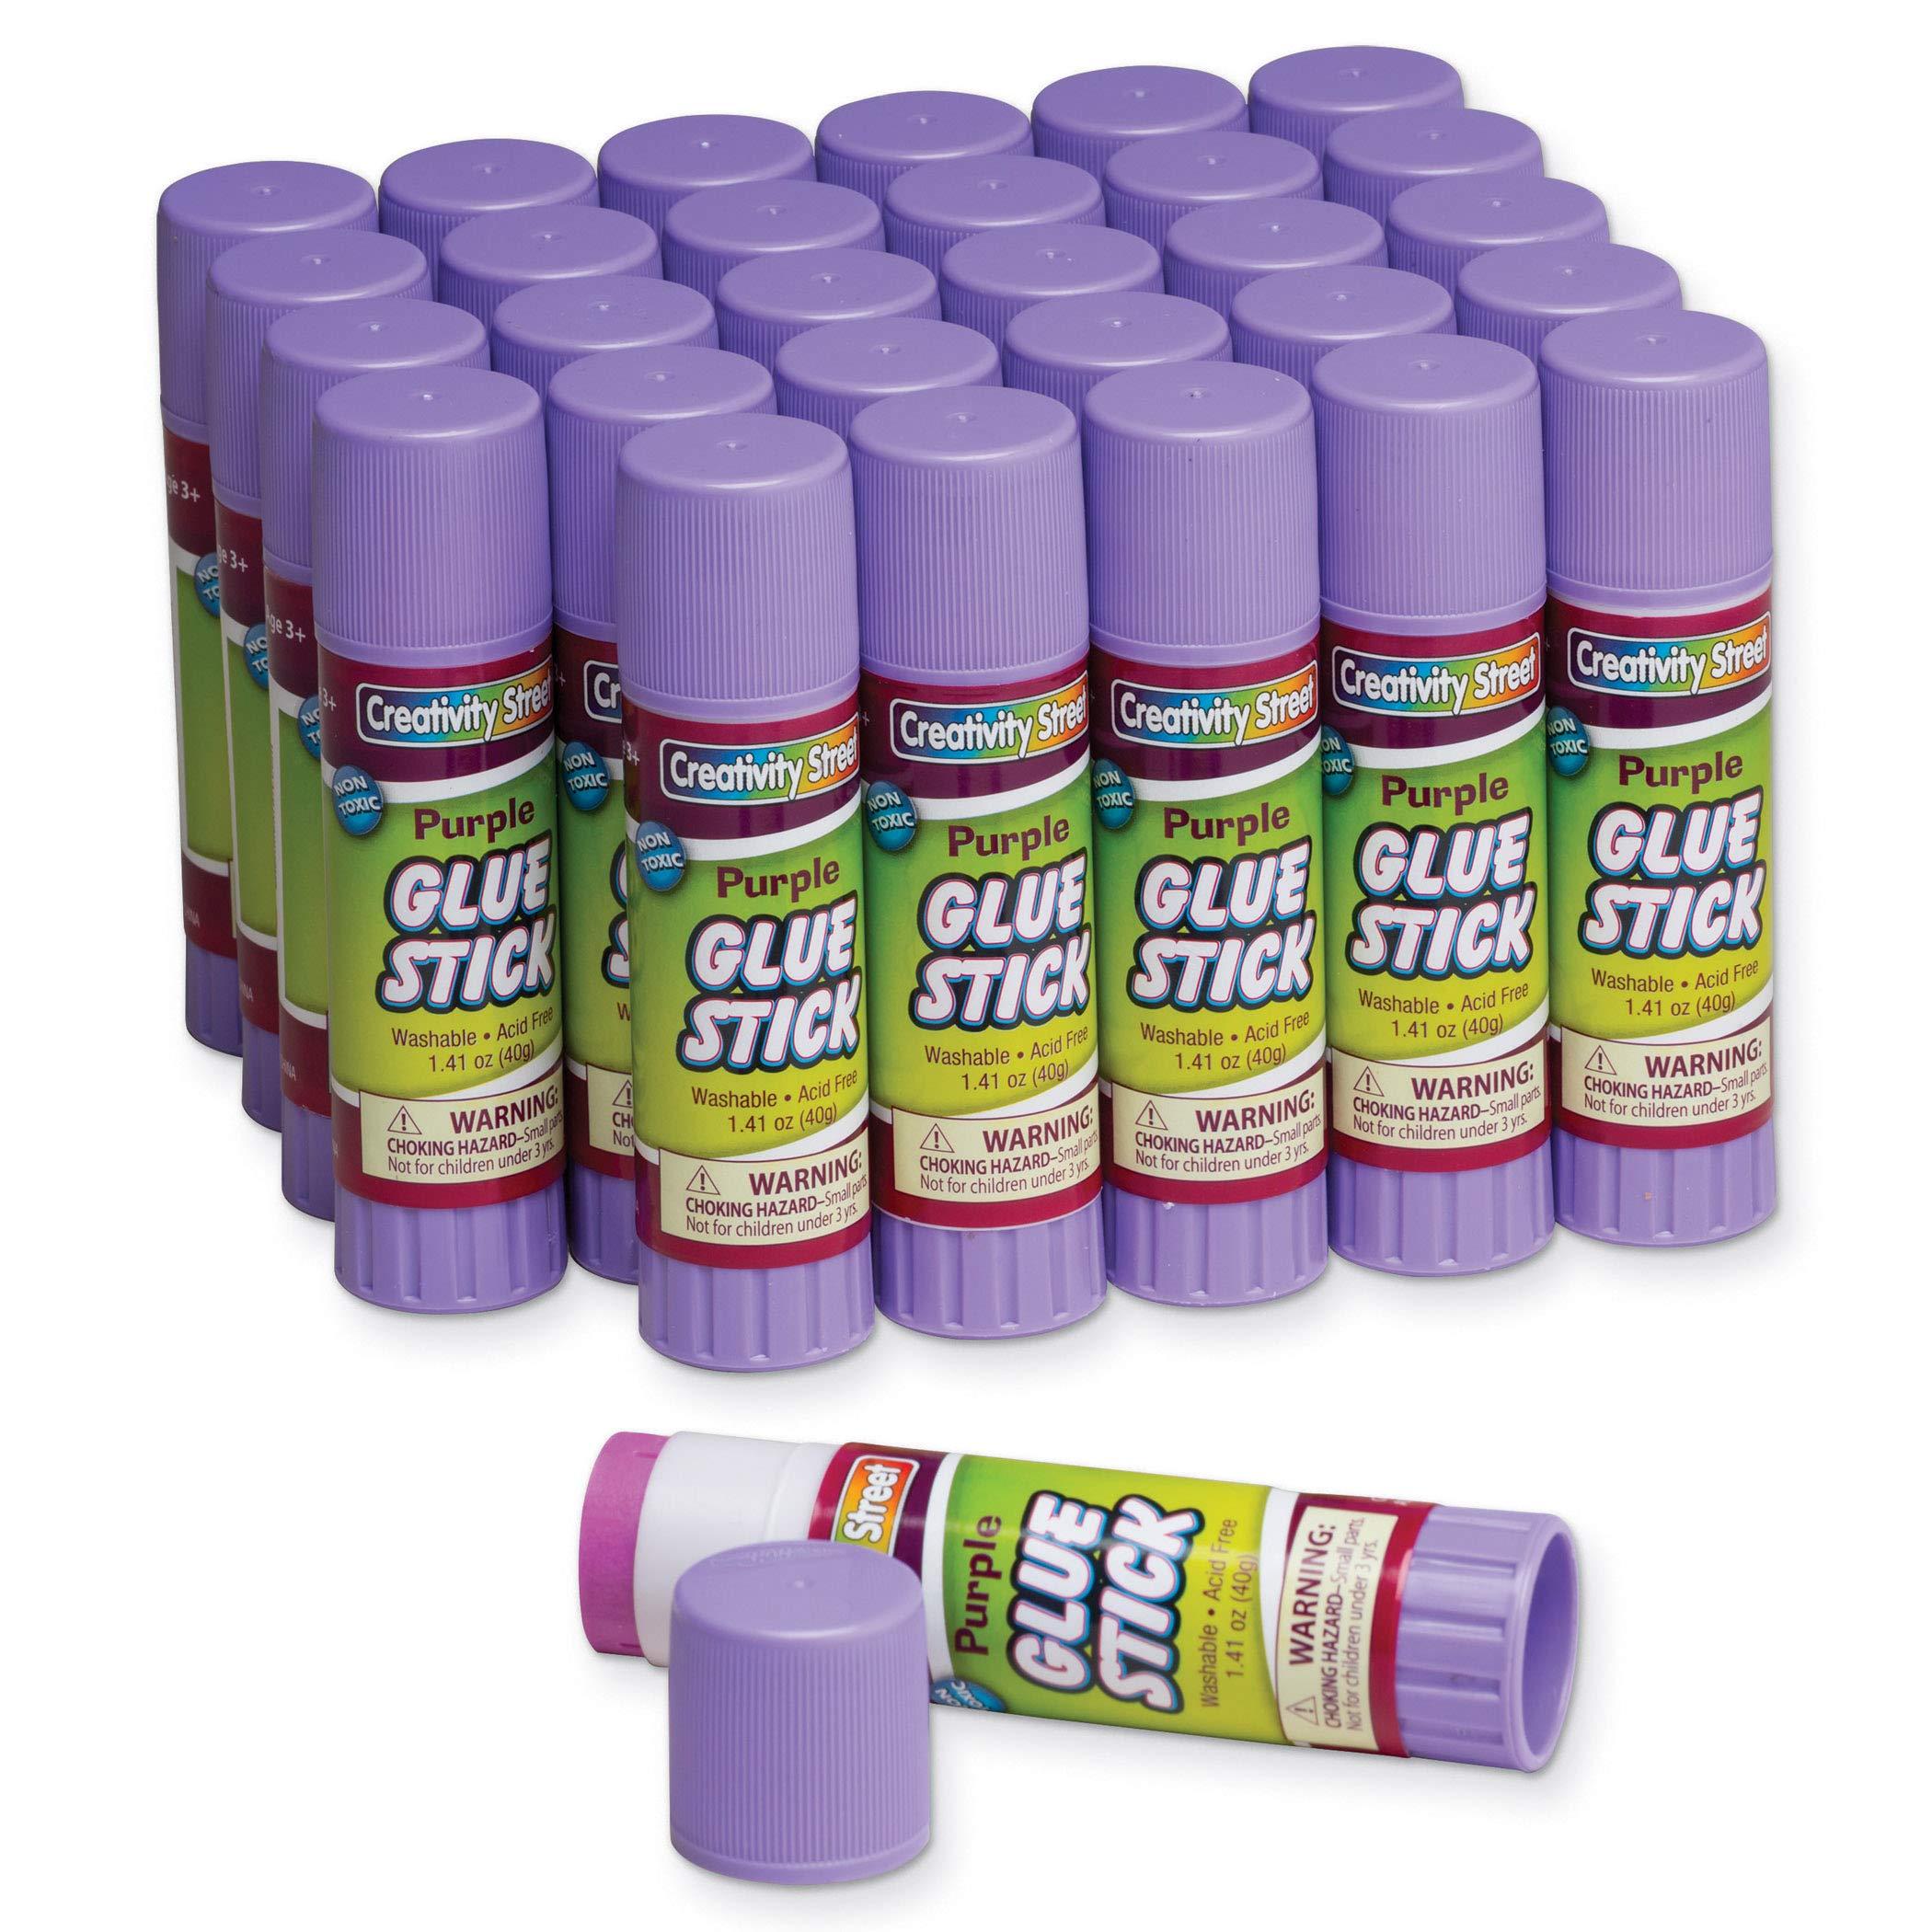 Creativity Street CK-338830 Glue Sticks, Purple, 1.41 oz., 30 Per Pack